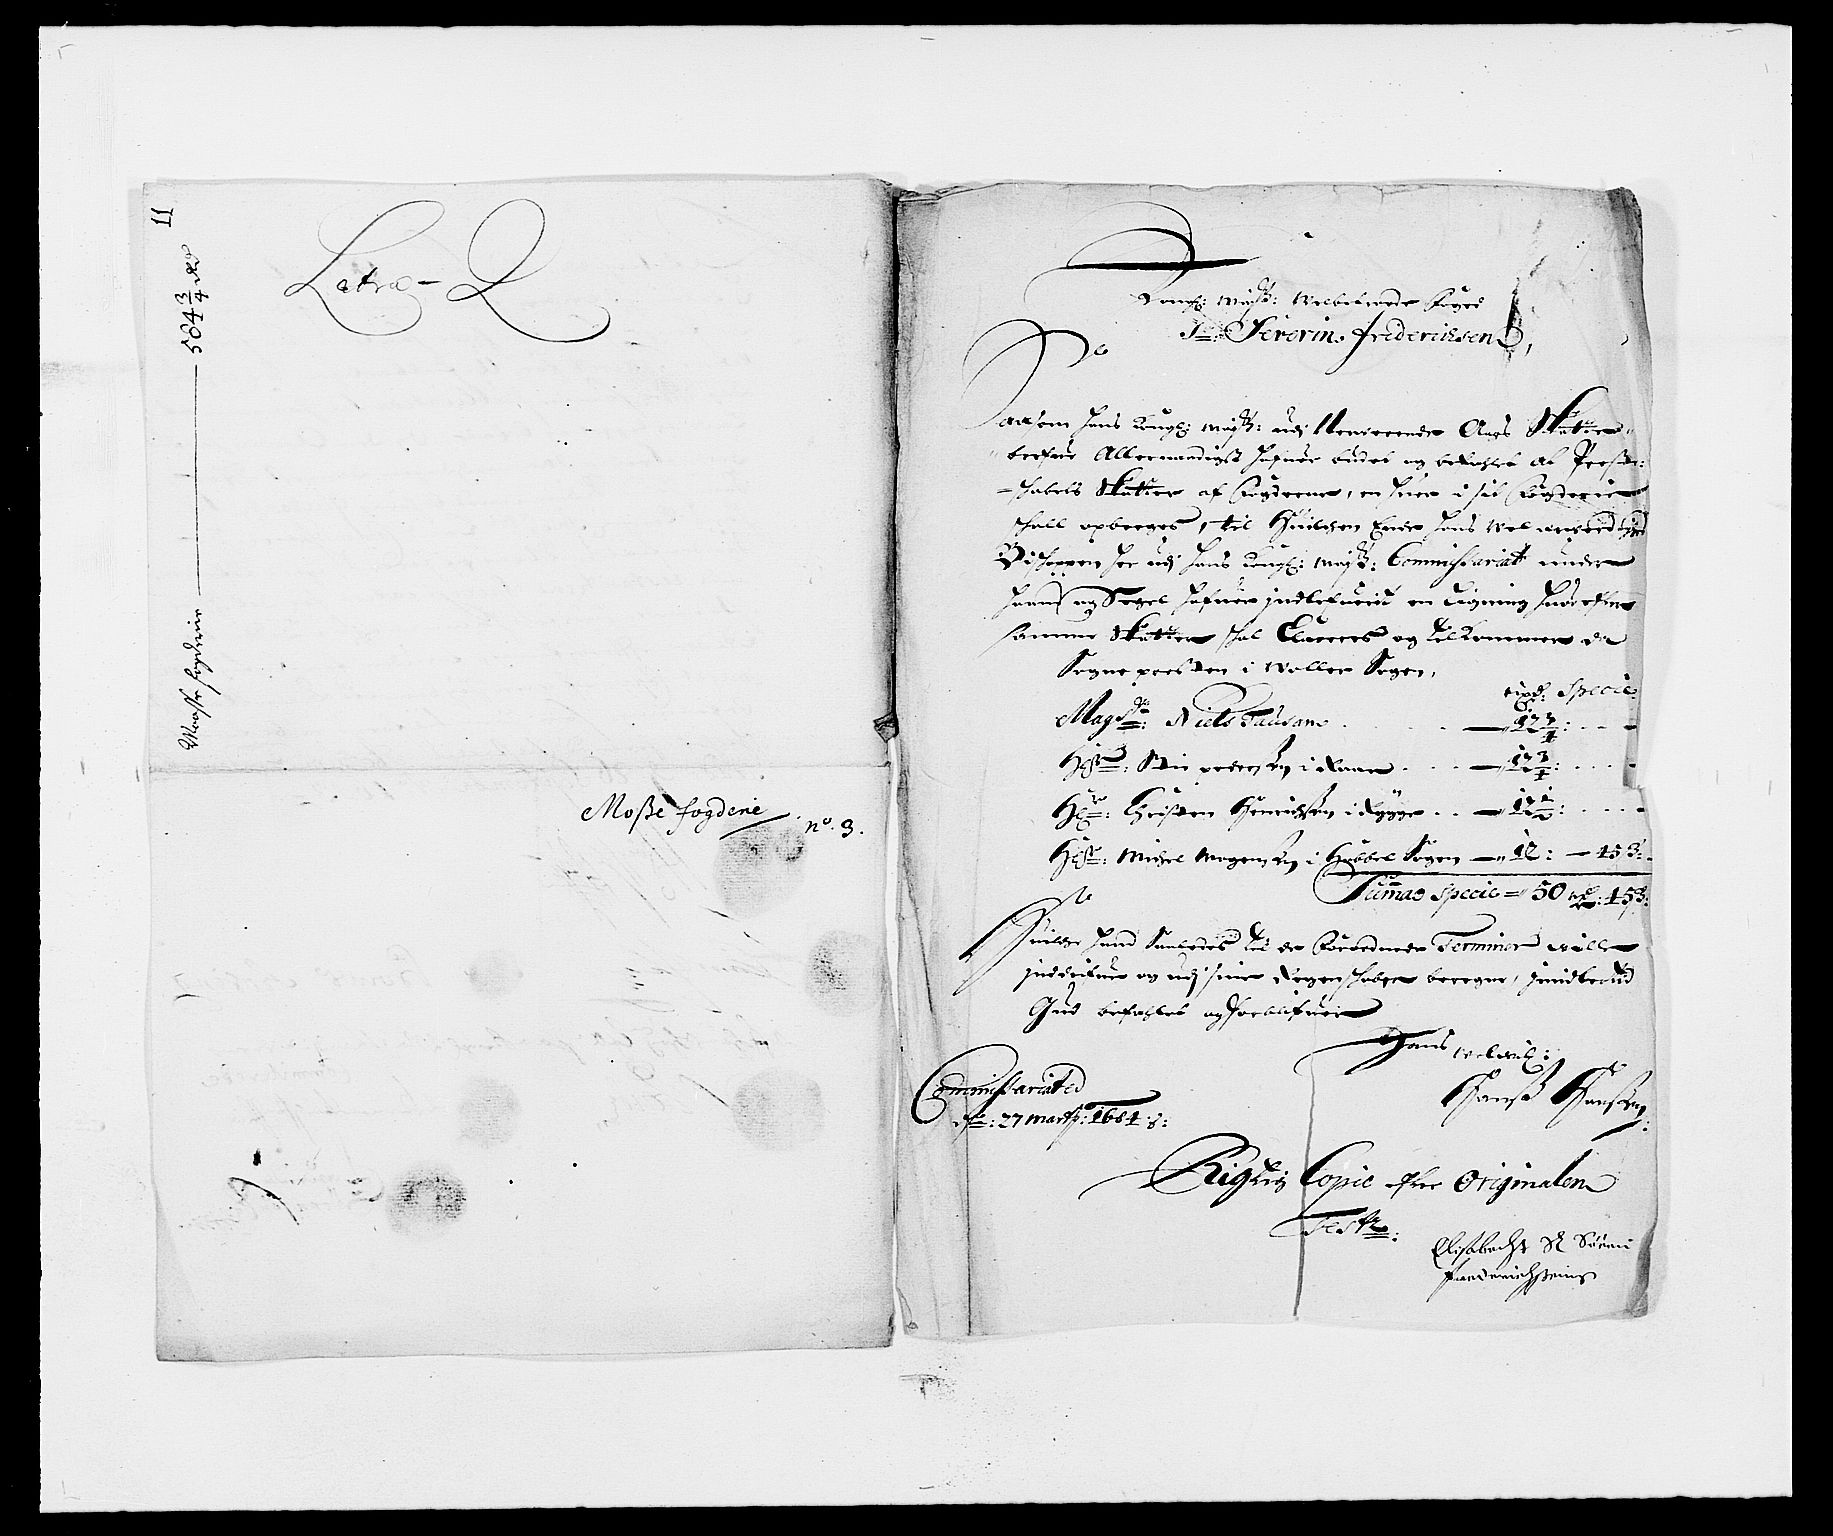 RA, Rentekammeret inntil 1814, Reviderte regnskaper, Fogderegnskap, R02/L0103: Fogderegnskap Moss og Verne kloster, 1682-1684, s. 544